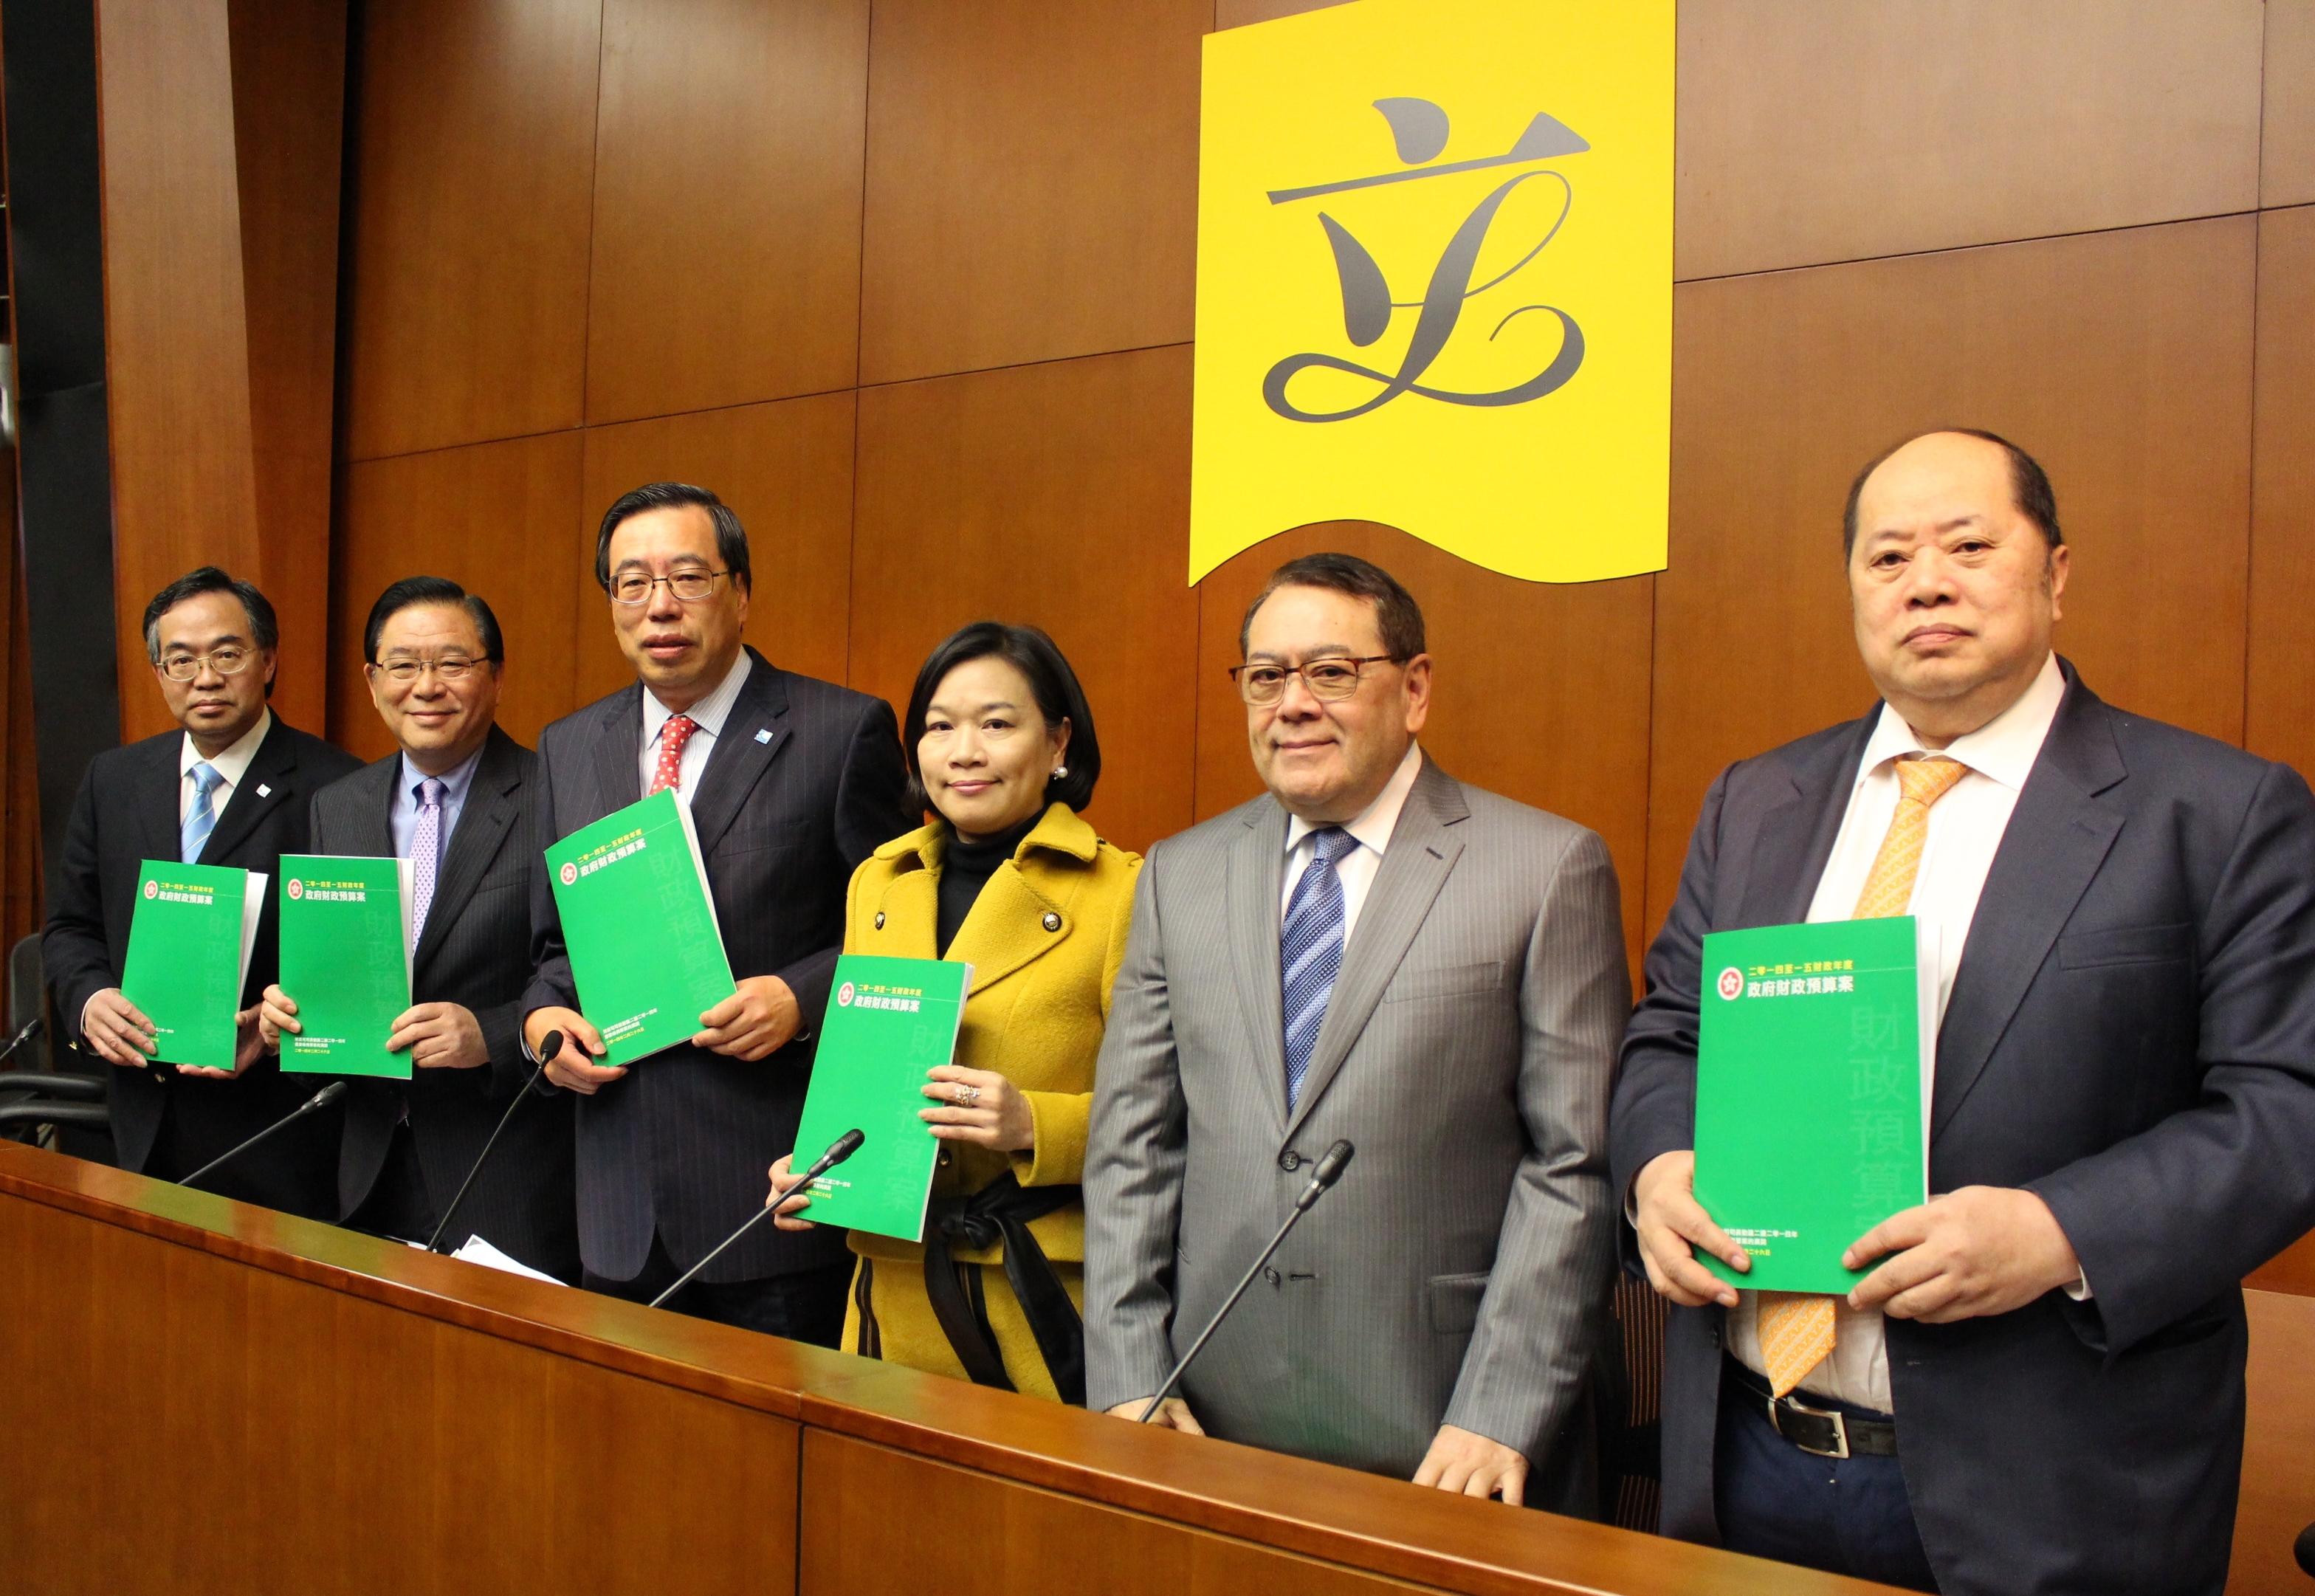 預算案以提升香港競爭力為目標,內容務實且具有前瞻性。